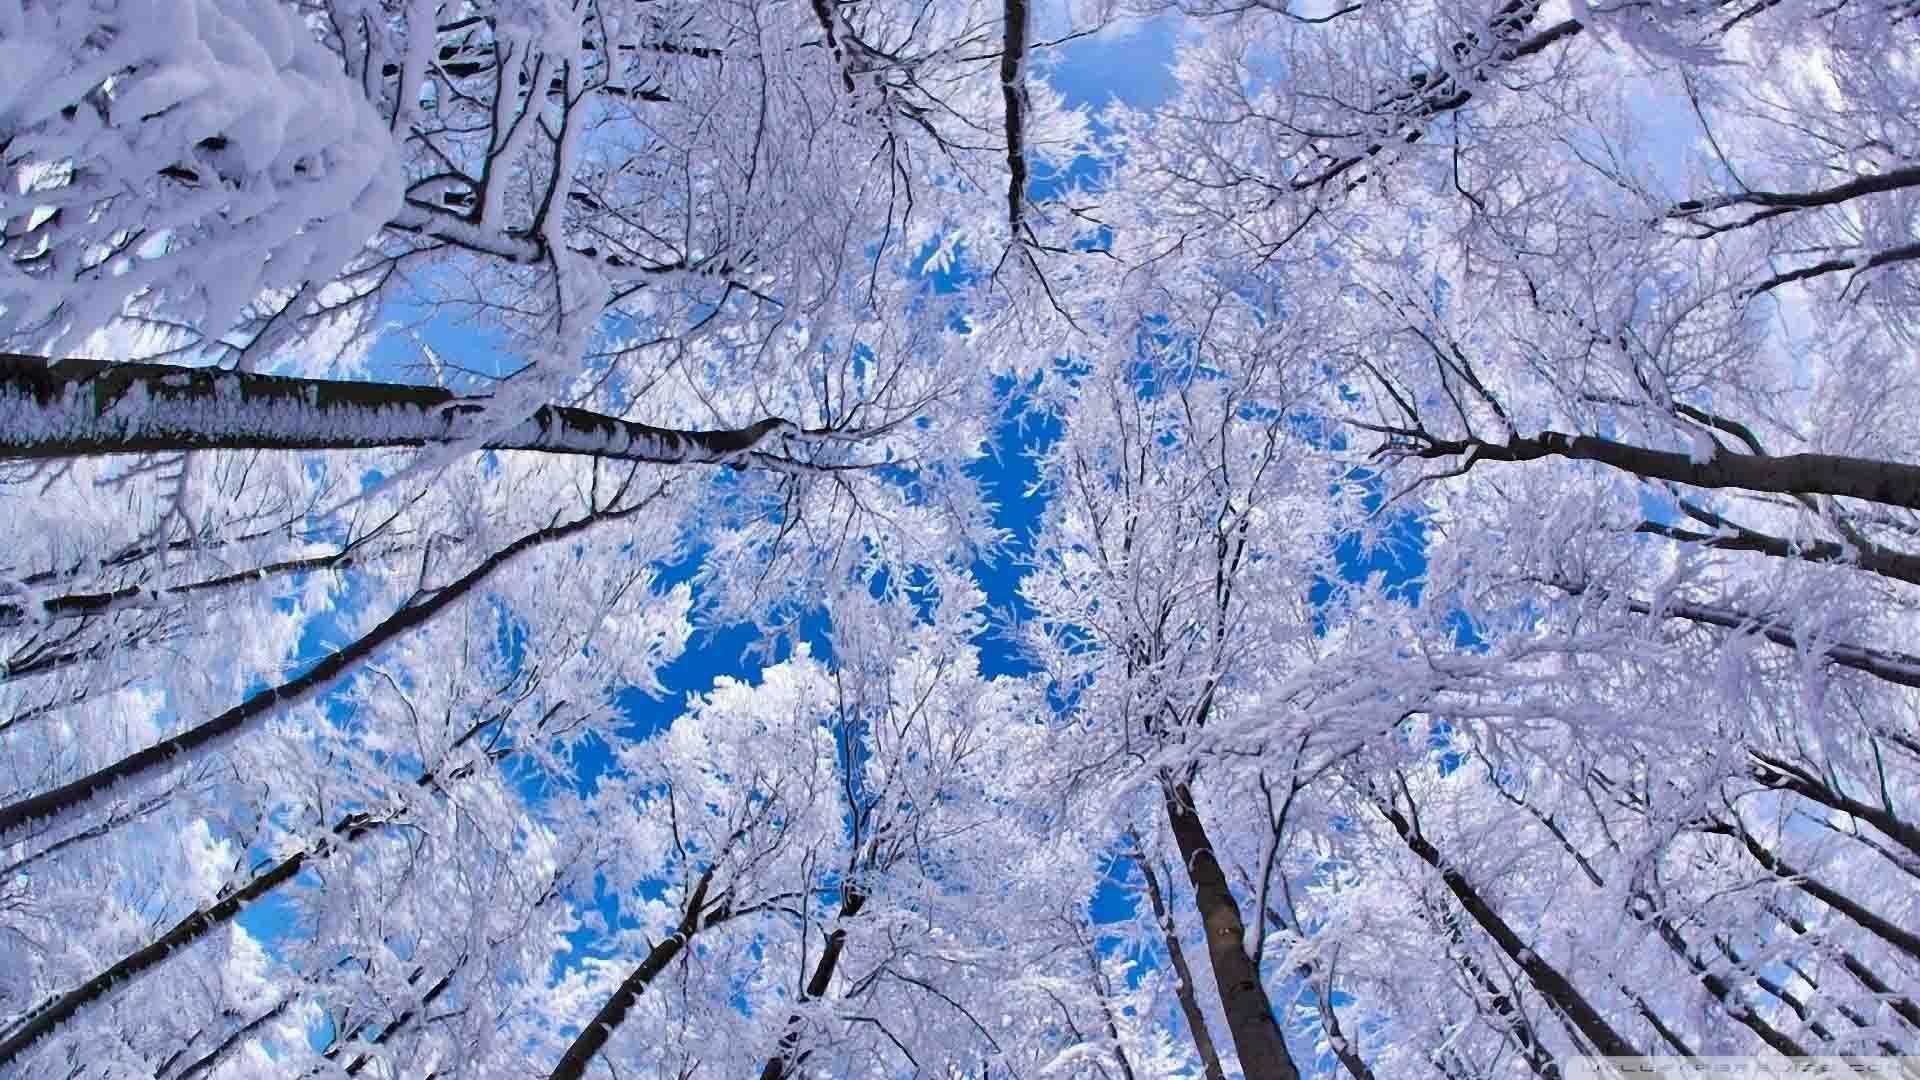 free desktop wallpapers winter scenes wallpaper winter backgrounds for desktop wallpapers